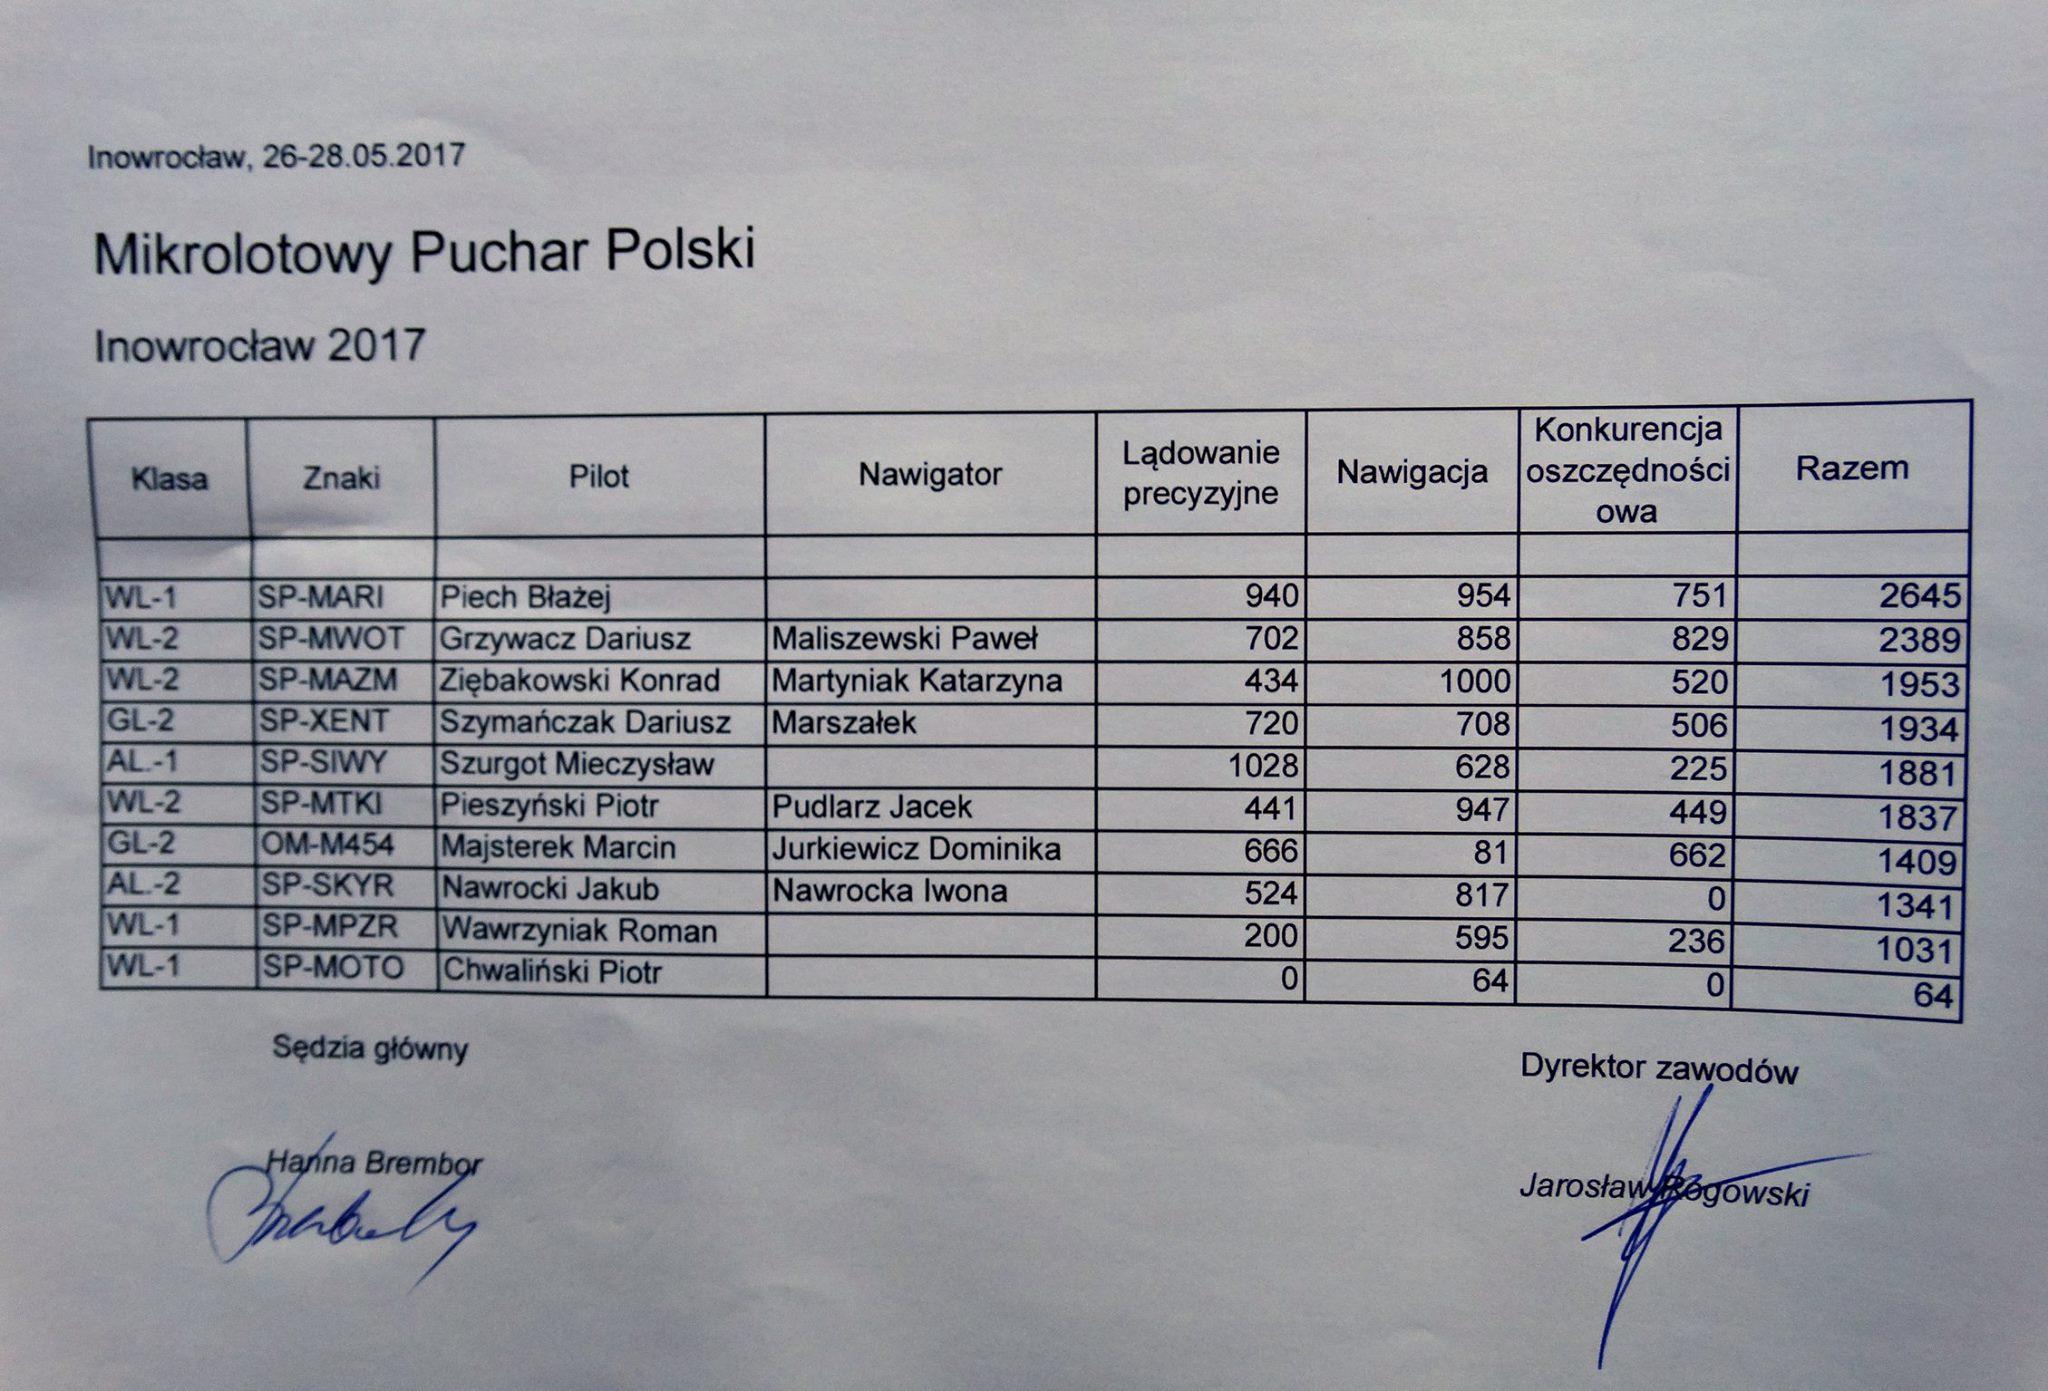 Tabela Wyników Inowrocław 2017